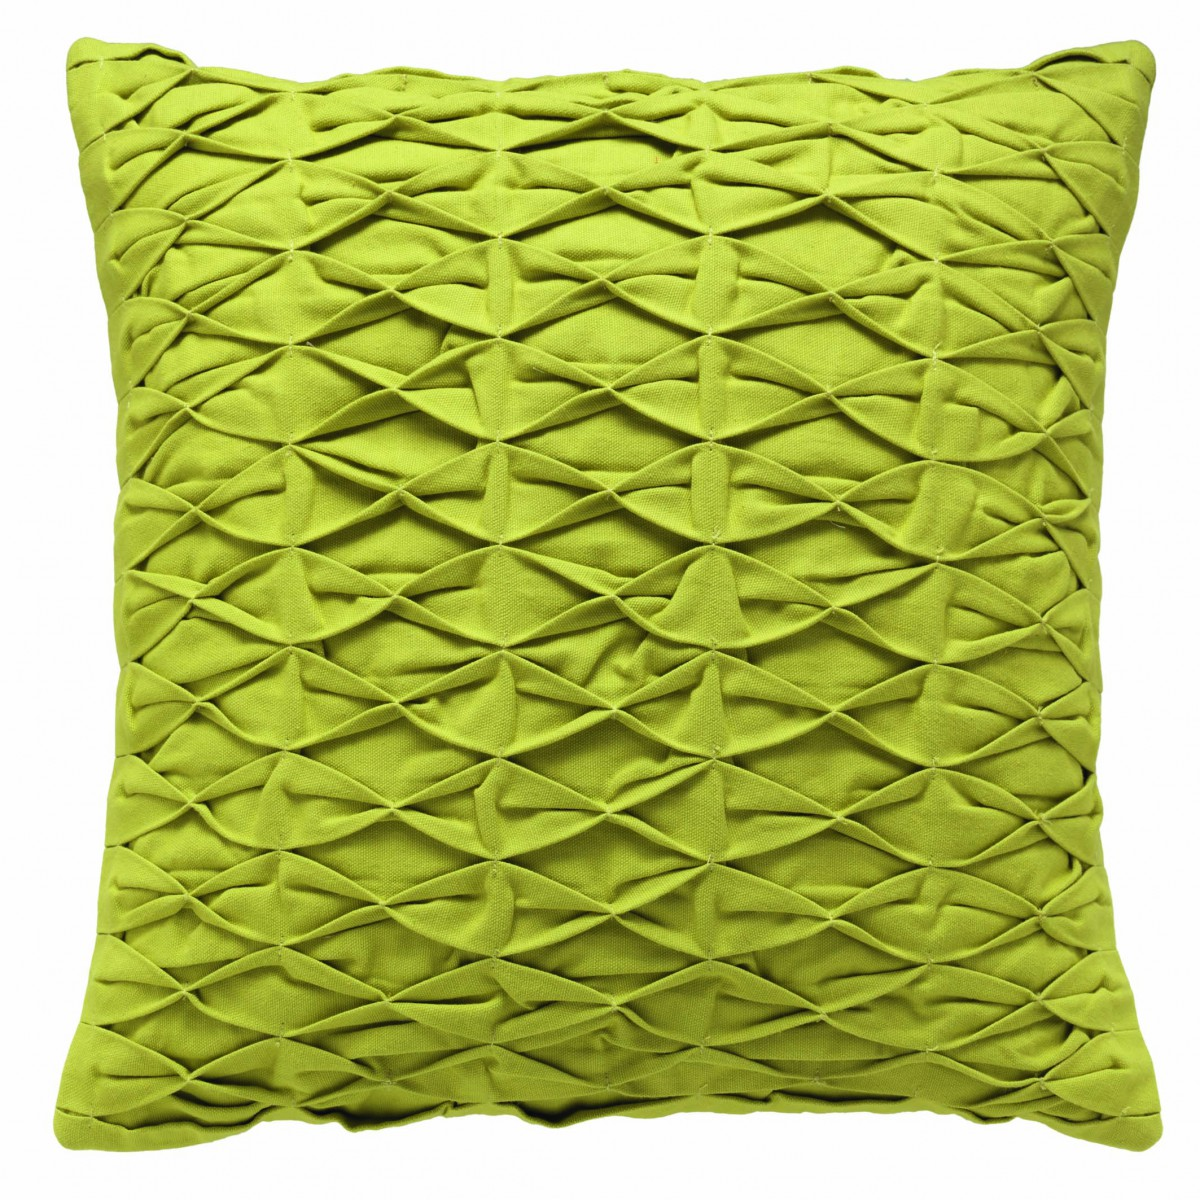 sch ner wohnen kissenh lle stitch gr n 45x45cm wohntextilien marken sch ner wohnen. Black Bedroom Furniture Sets. Home Design Ideas